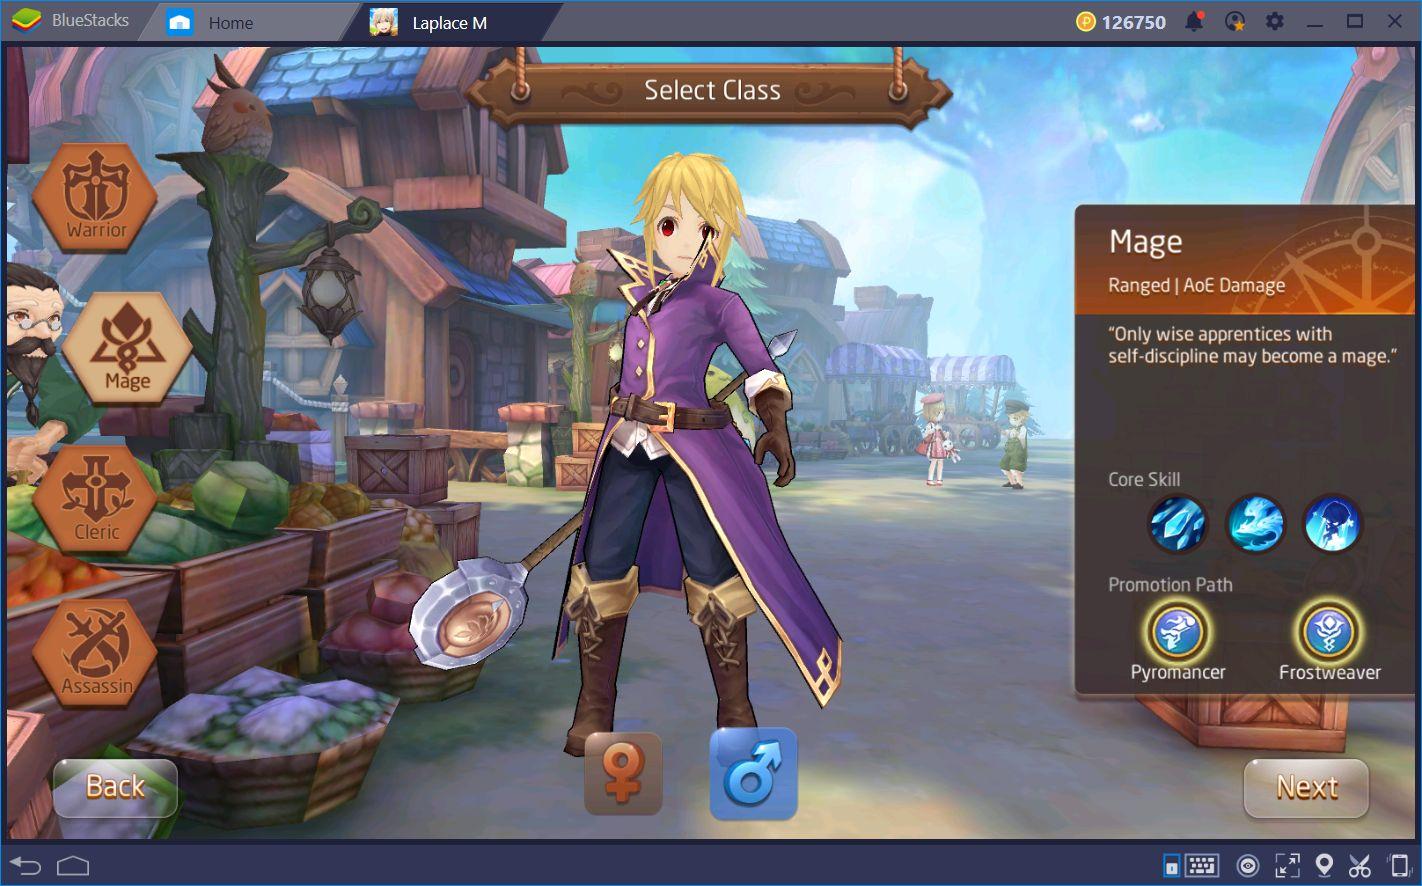 Escolhendo a classe certa em Tales of Wind